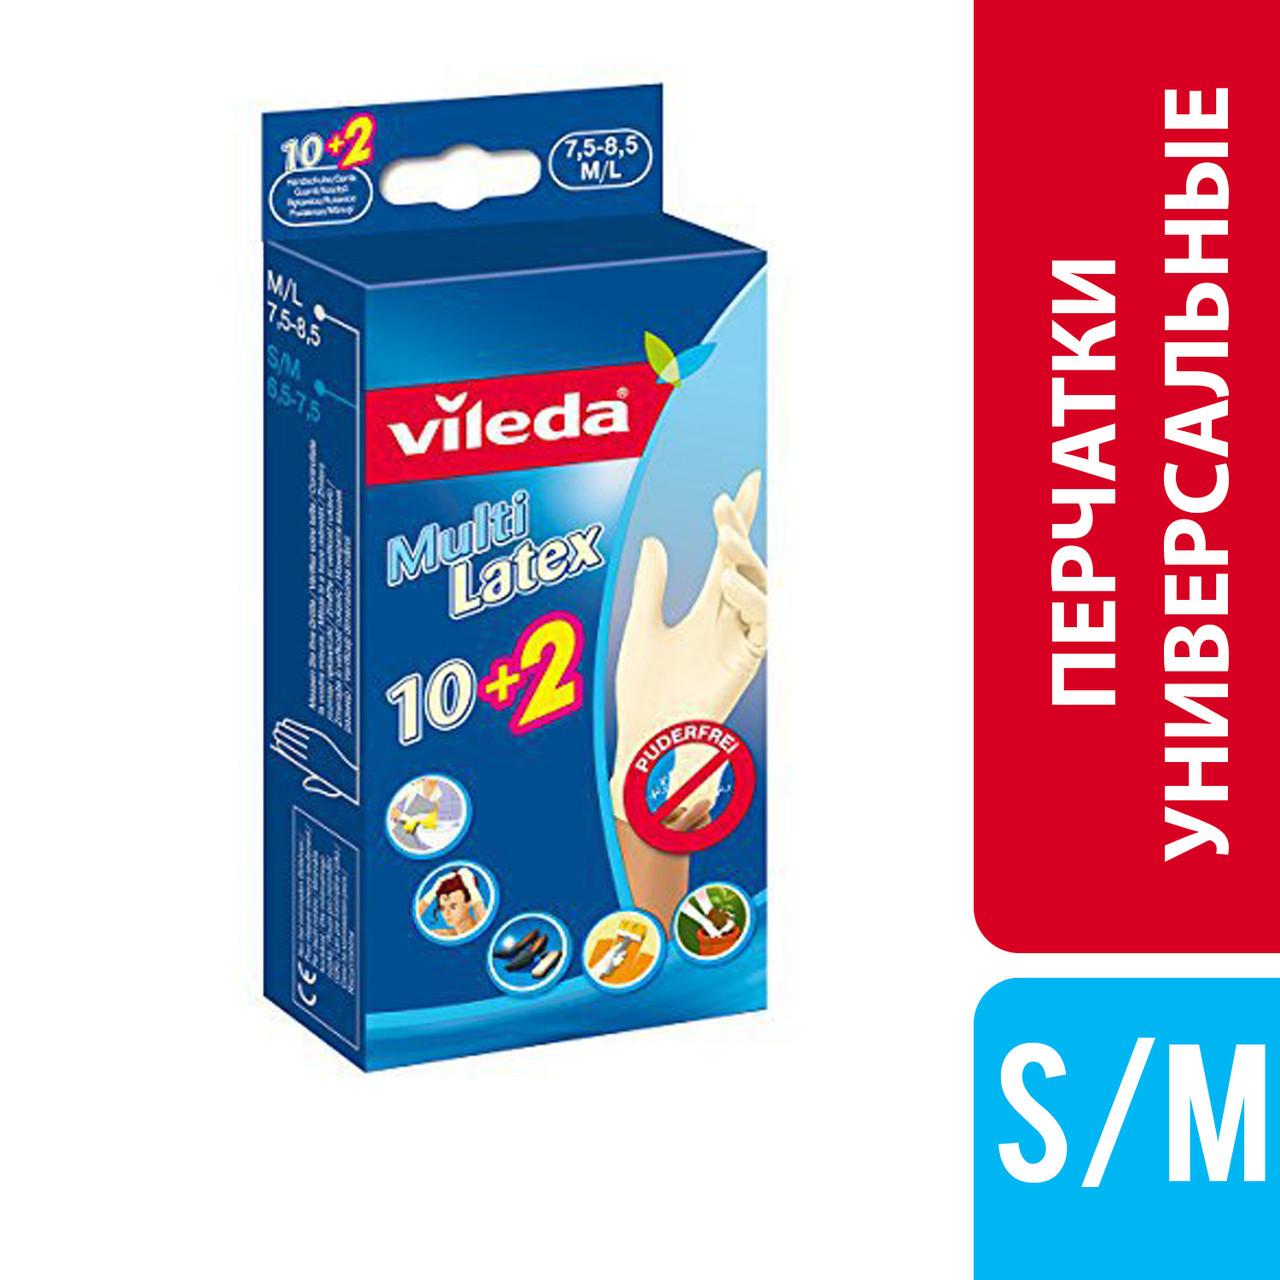 Перчатки латексные ВИЛЕДА одноразового использования, размер S/М 10+2 шт. ((Vileda Gloves Multi))